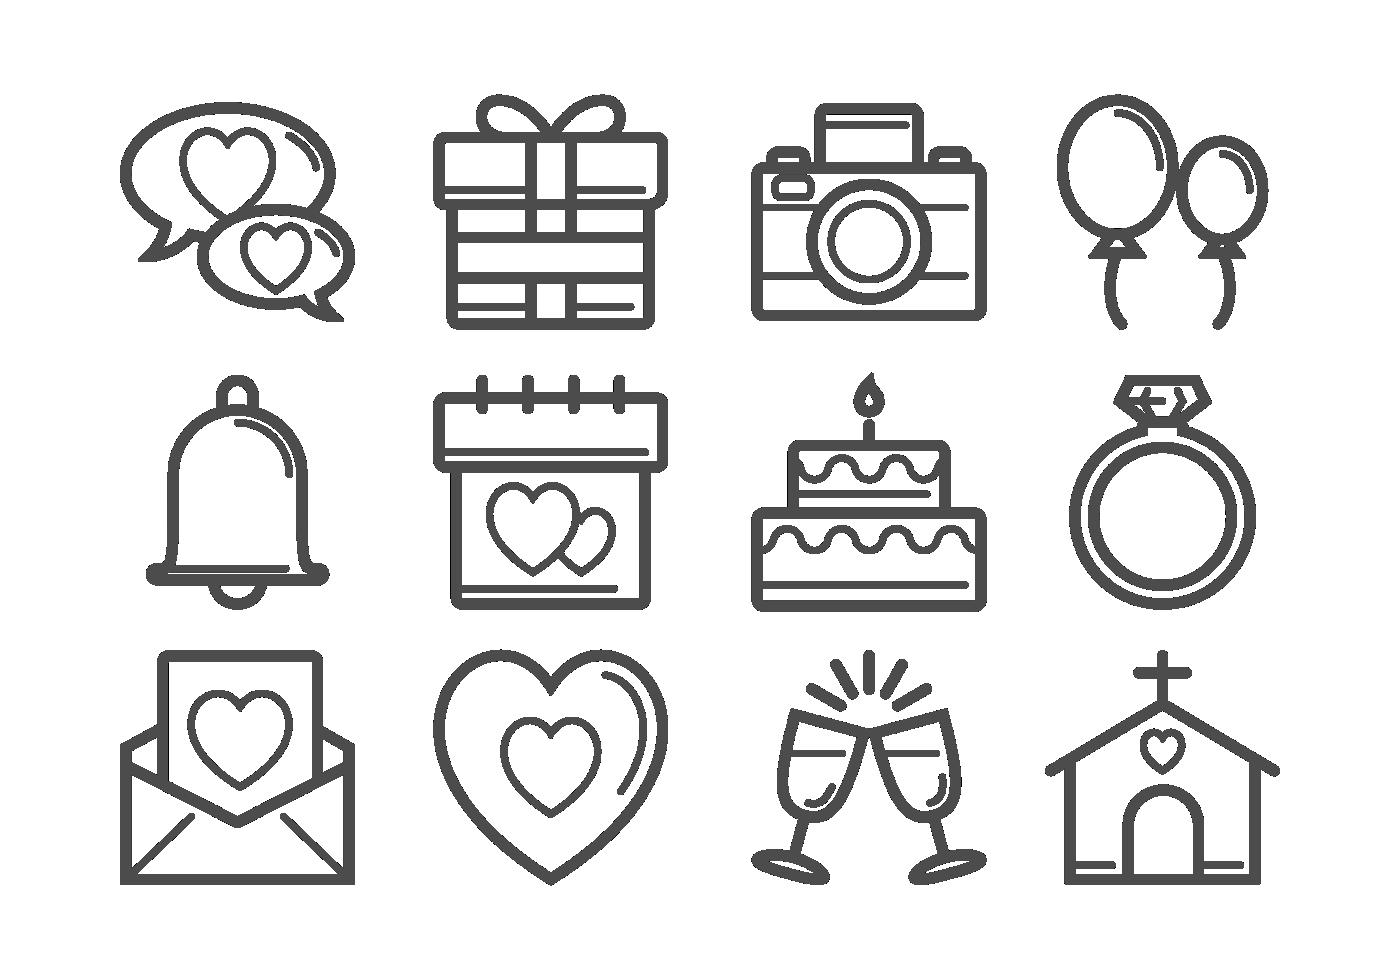 Line Art Icons Free : Boda delgadas iconos de líneas descargue gráficos y